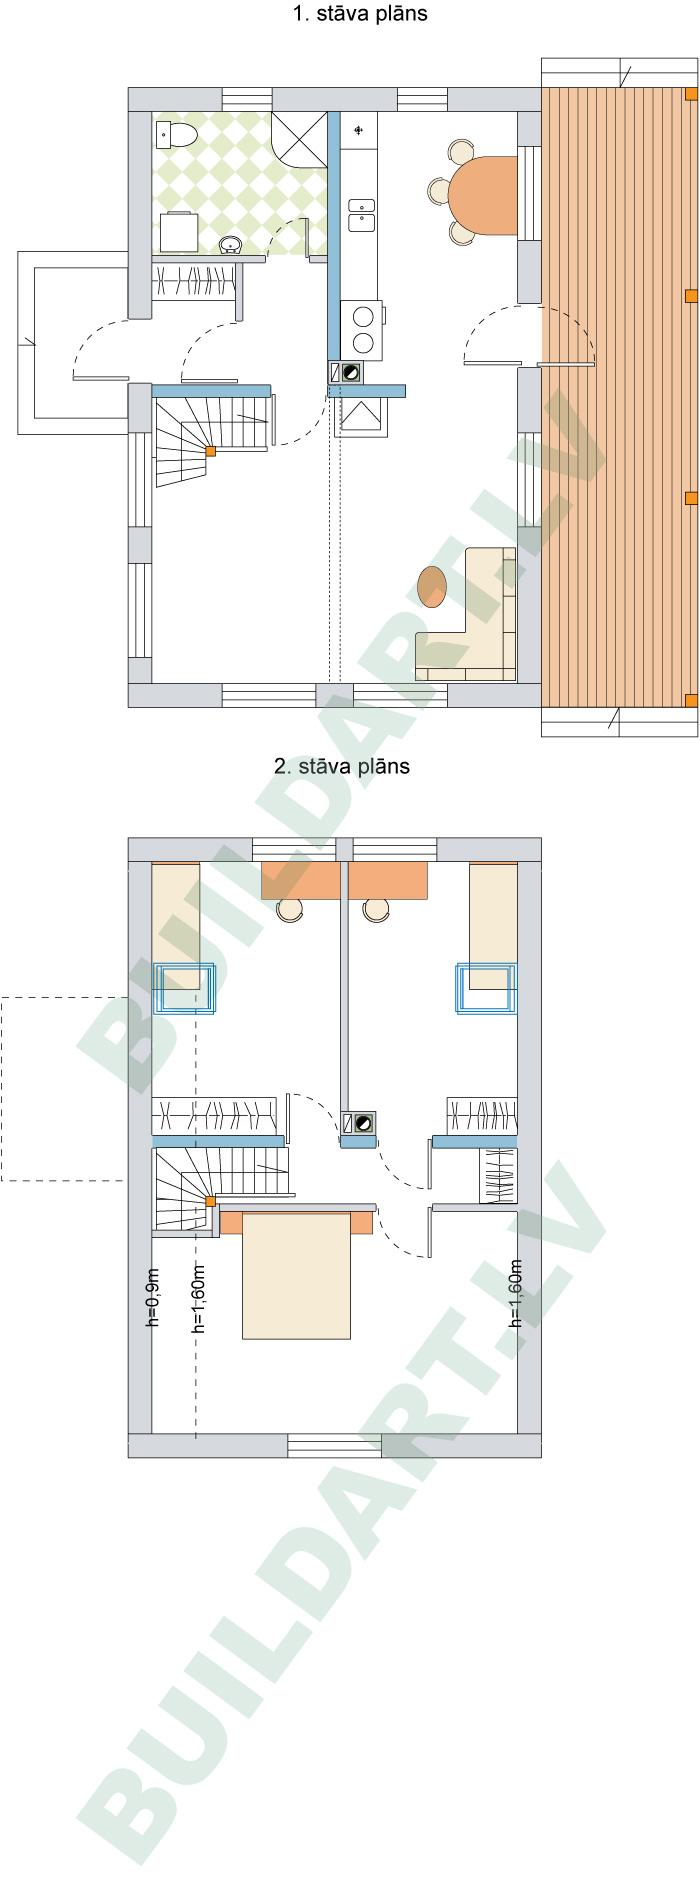 Ekonomiskas ģimenes mājas projekts, pilnveidota versija